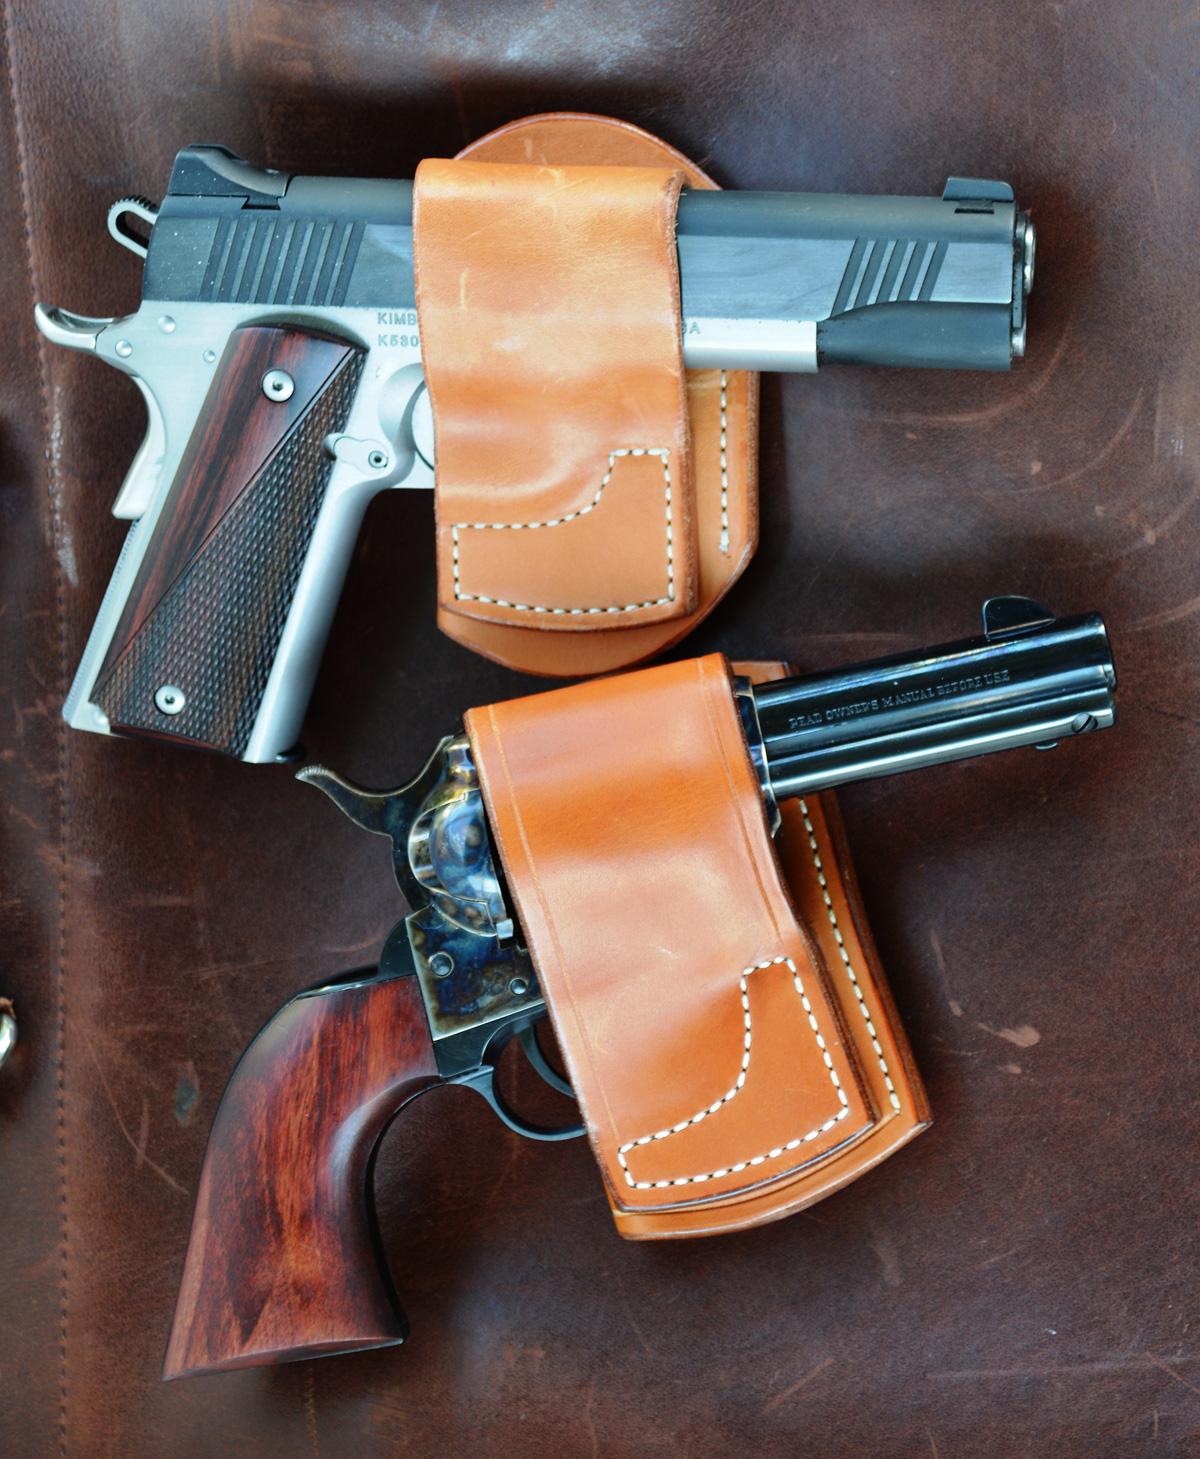 Rocking K Belt Slide holsters